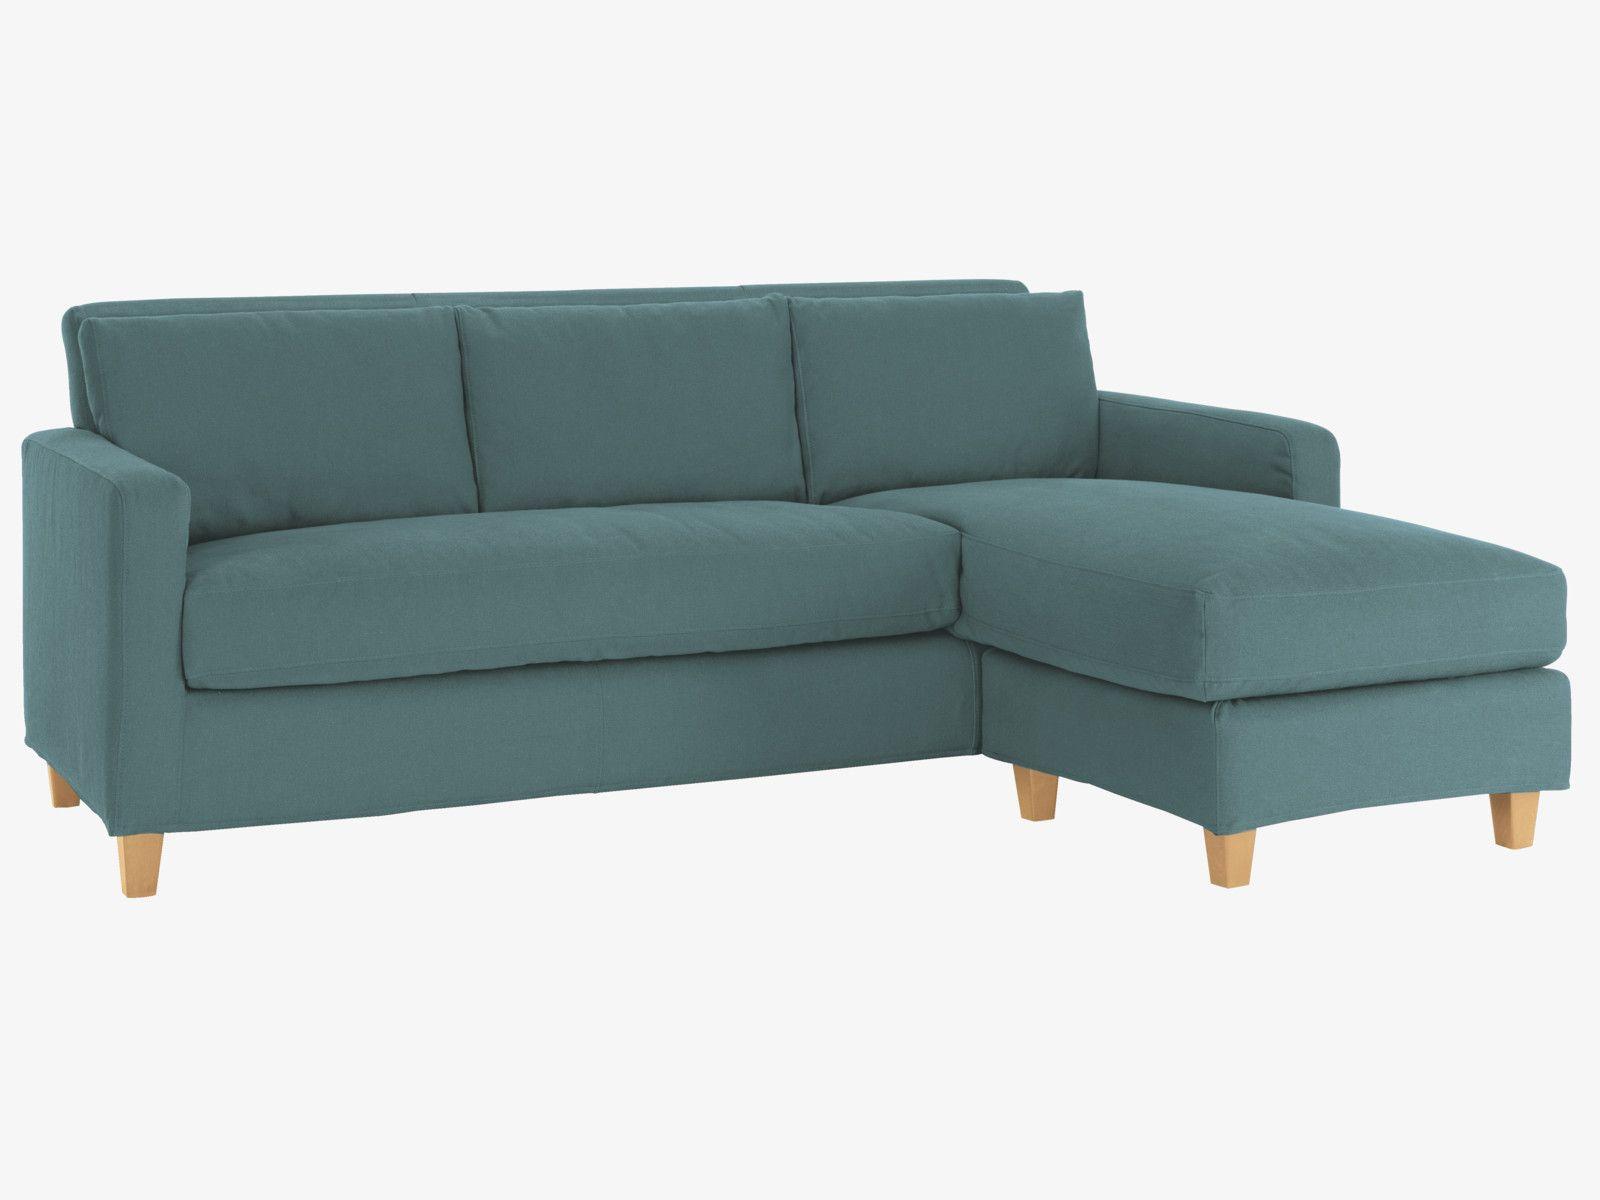 CHESTER Dark blue fabric 3 seater chaise sofa oak feet